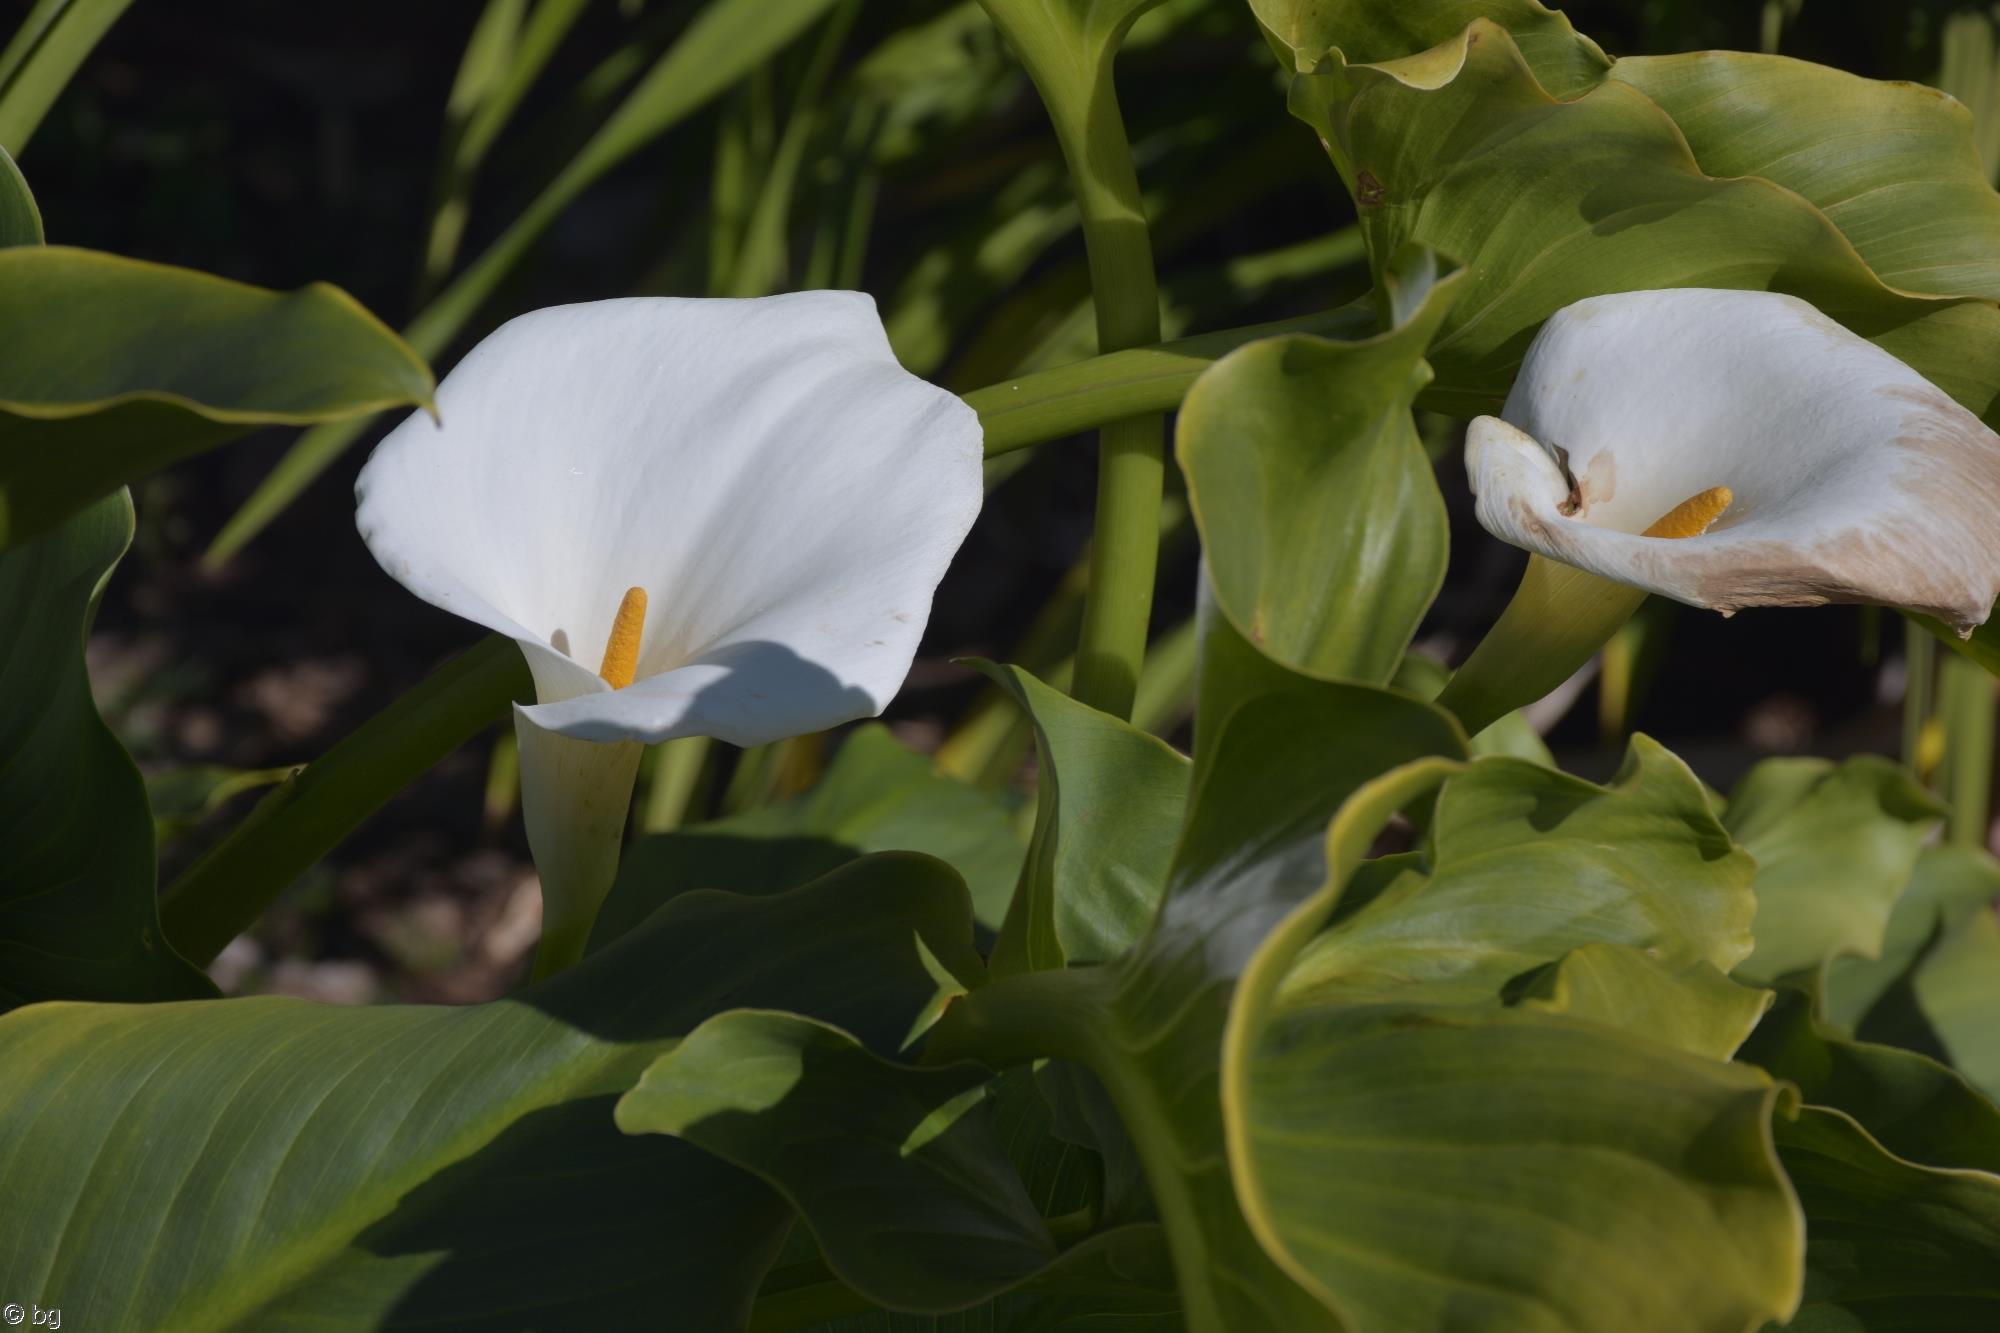 aromes-fleurs-exotiques-fonds-ecran-hd_15